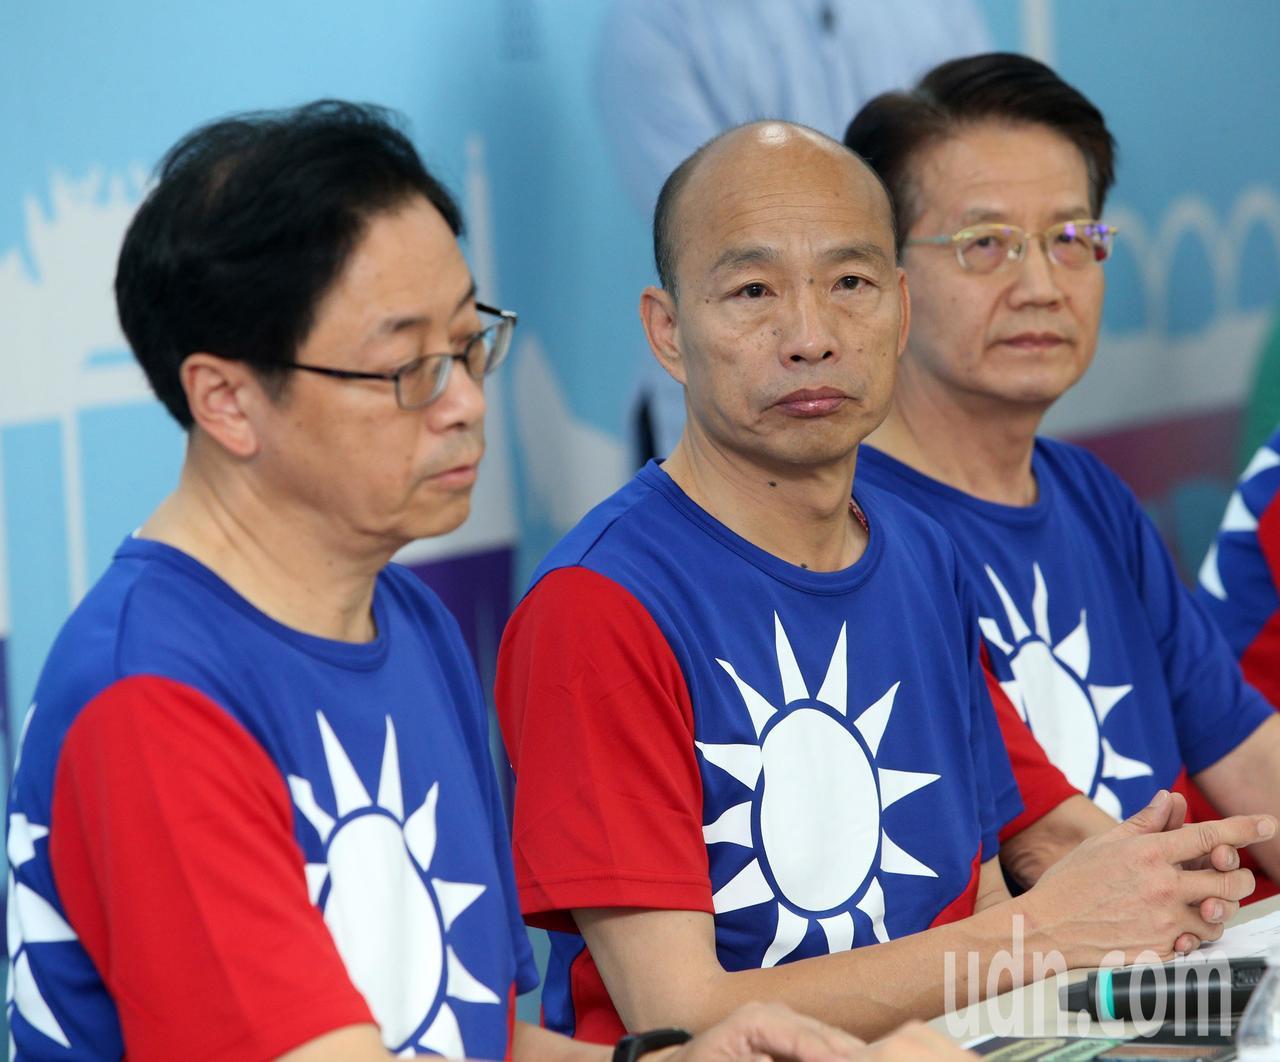 國民黨總統參選人韓國瑜。聯合報記者劉學聖/攝影